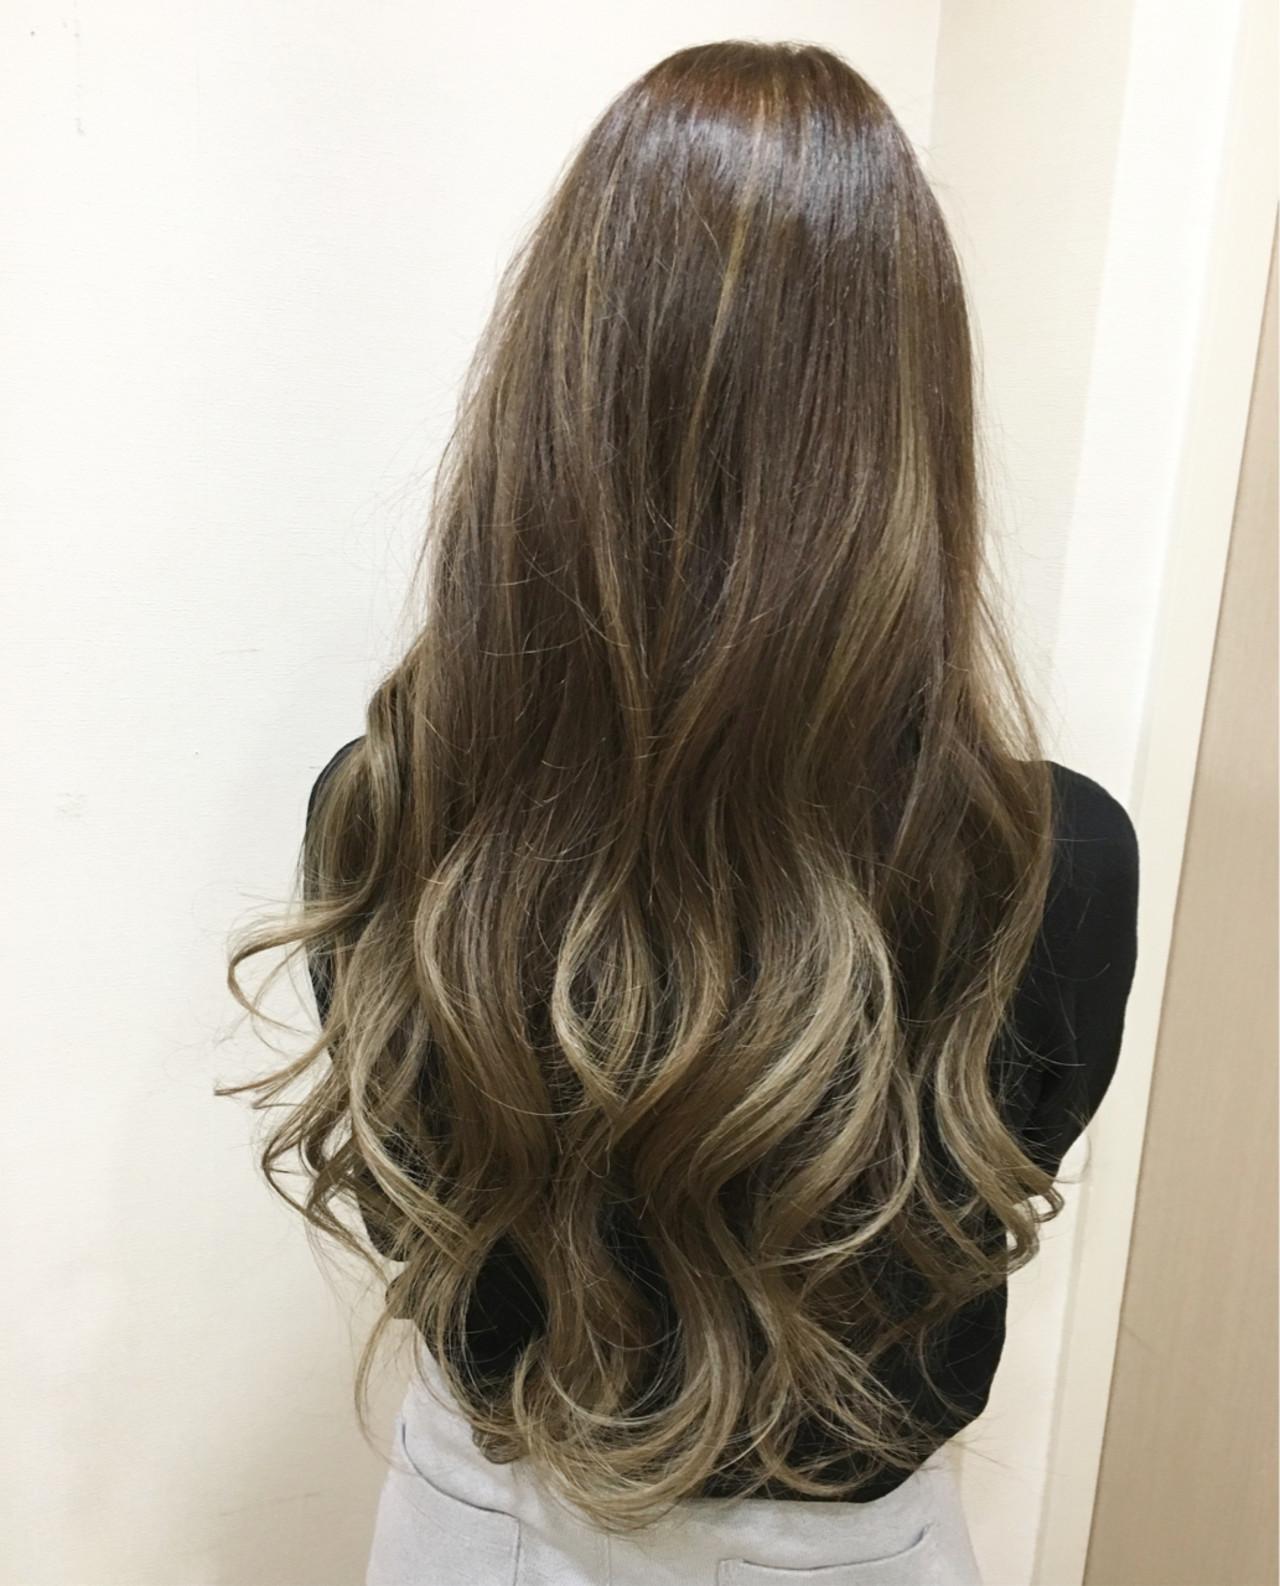 イルミナカラー 外国人風 グラデーションカラー ハイライト ヘアスタイルや髪型の写真・画像